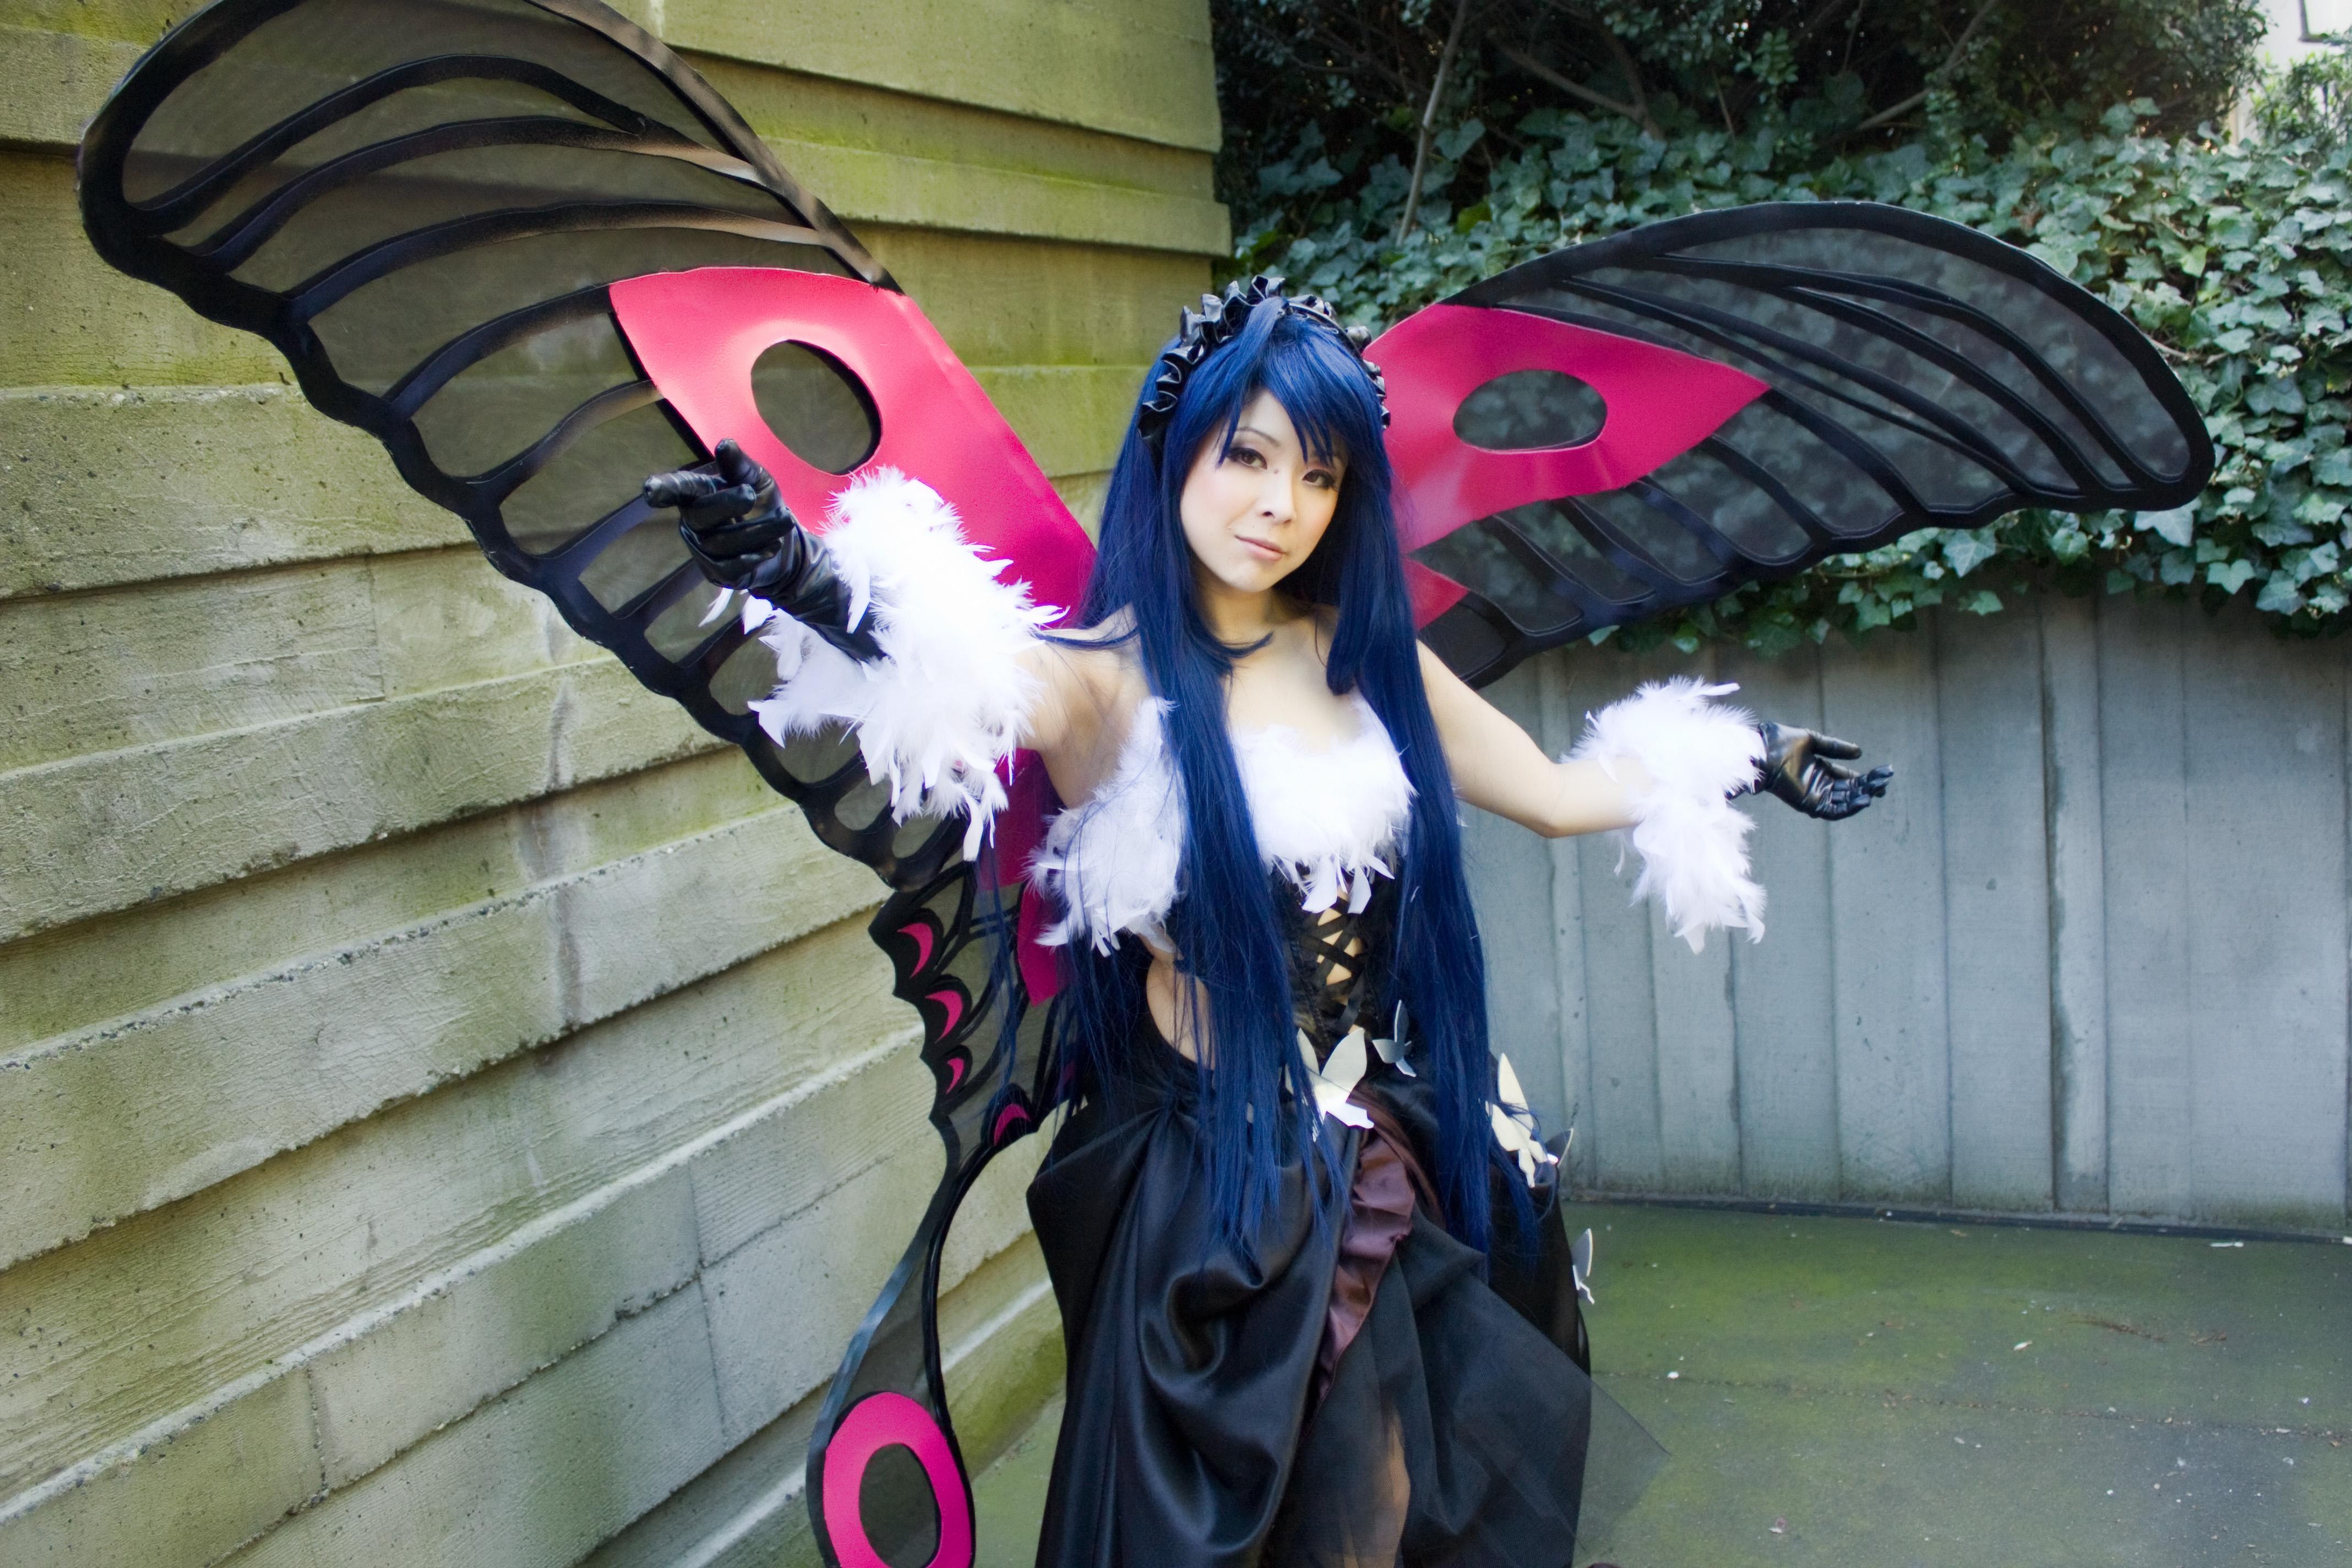 world kuroyukihime cosplay Accel